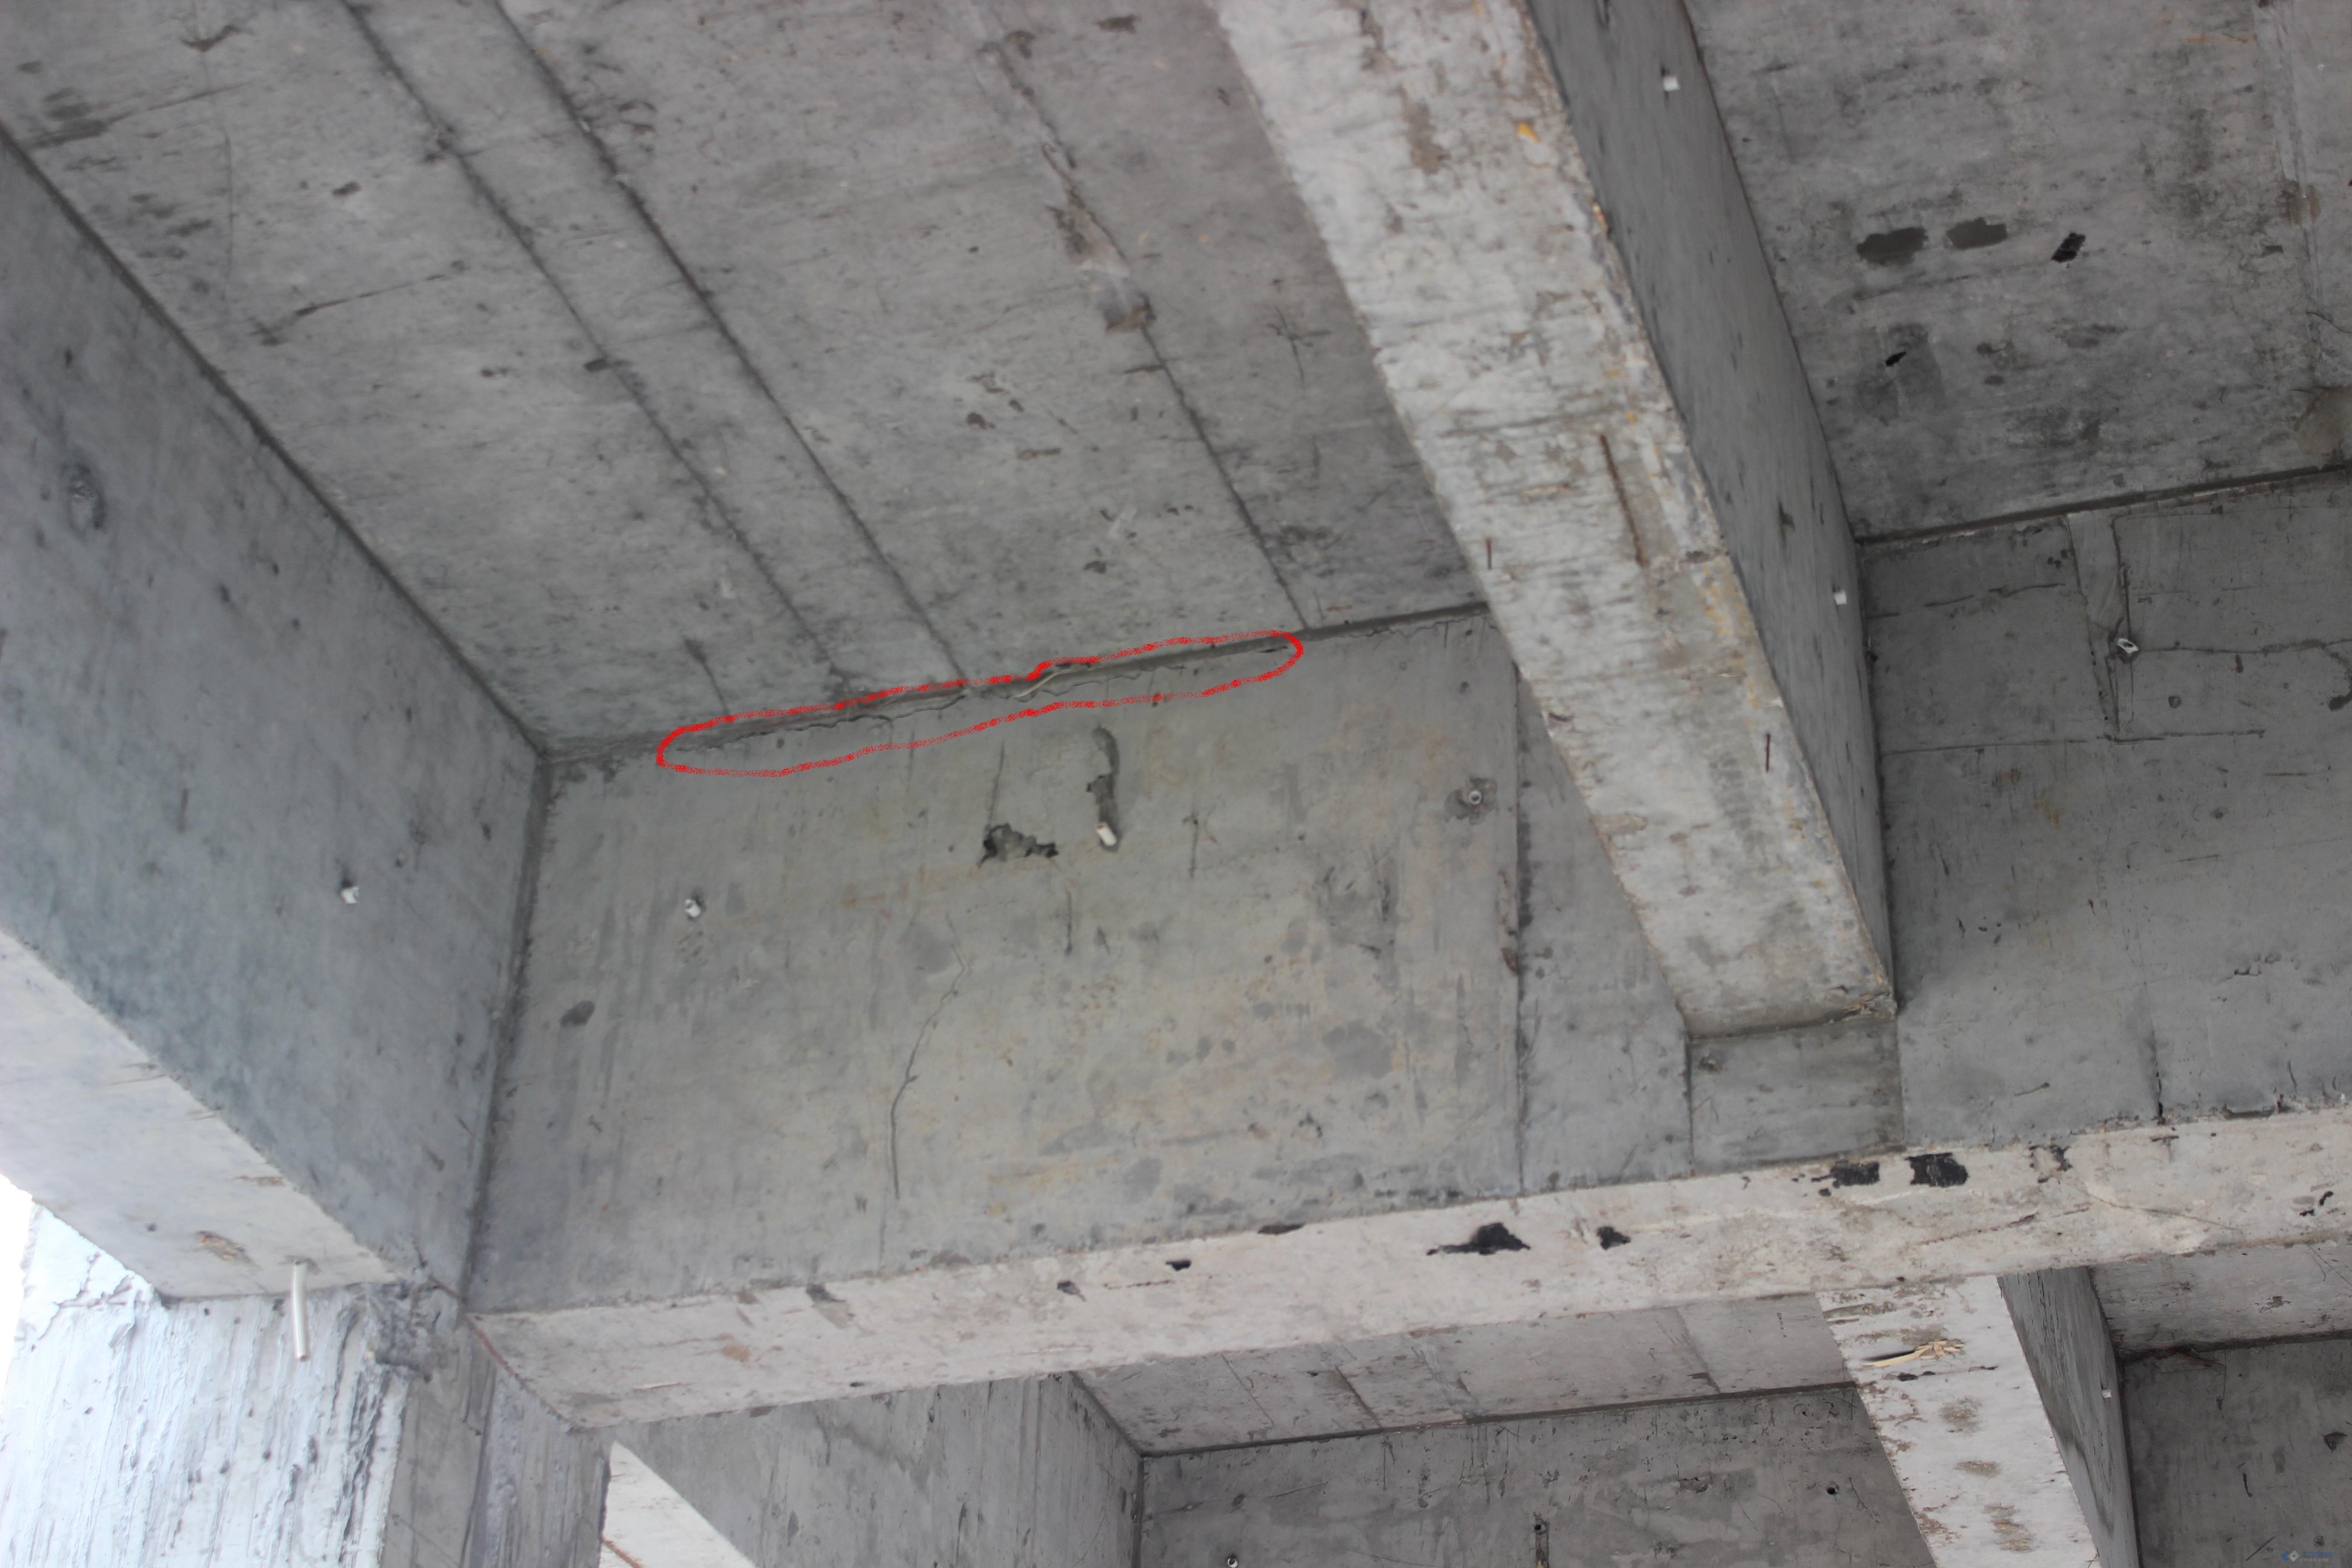 现浇混凝土结构梁板交接处出现裂缝是怎么回事 混凝土时9月浇注的 混凝土梁板的强度C30的 自半混凝土 长26米 宽15米 三跨 井字梁 两个8米跨一个10米跨 8根KZ 第一个8米跨与第二个8米跨 第二个8米跨与10米跨交接的4根KZ出现裂缝沿短向(15米)出现? 其他梁未出现裂缝 [